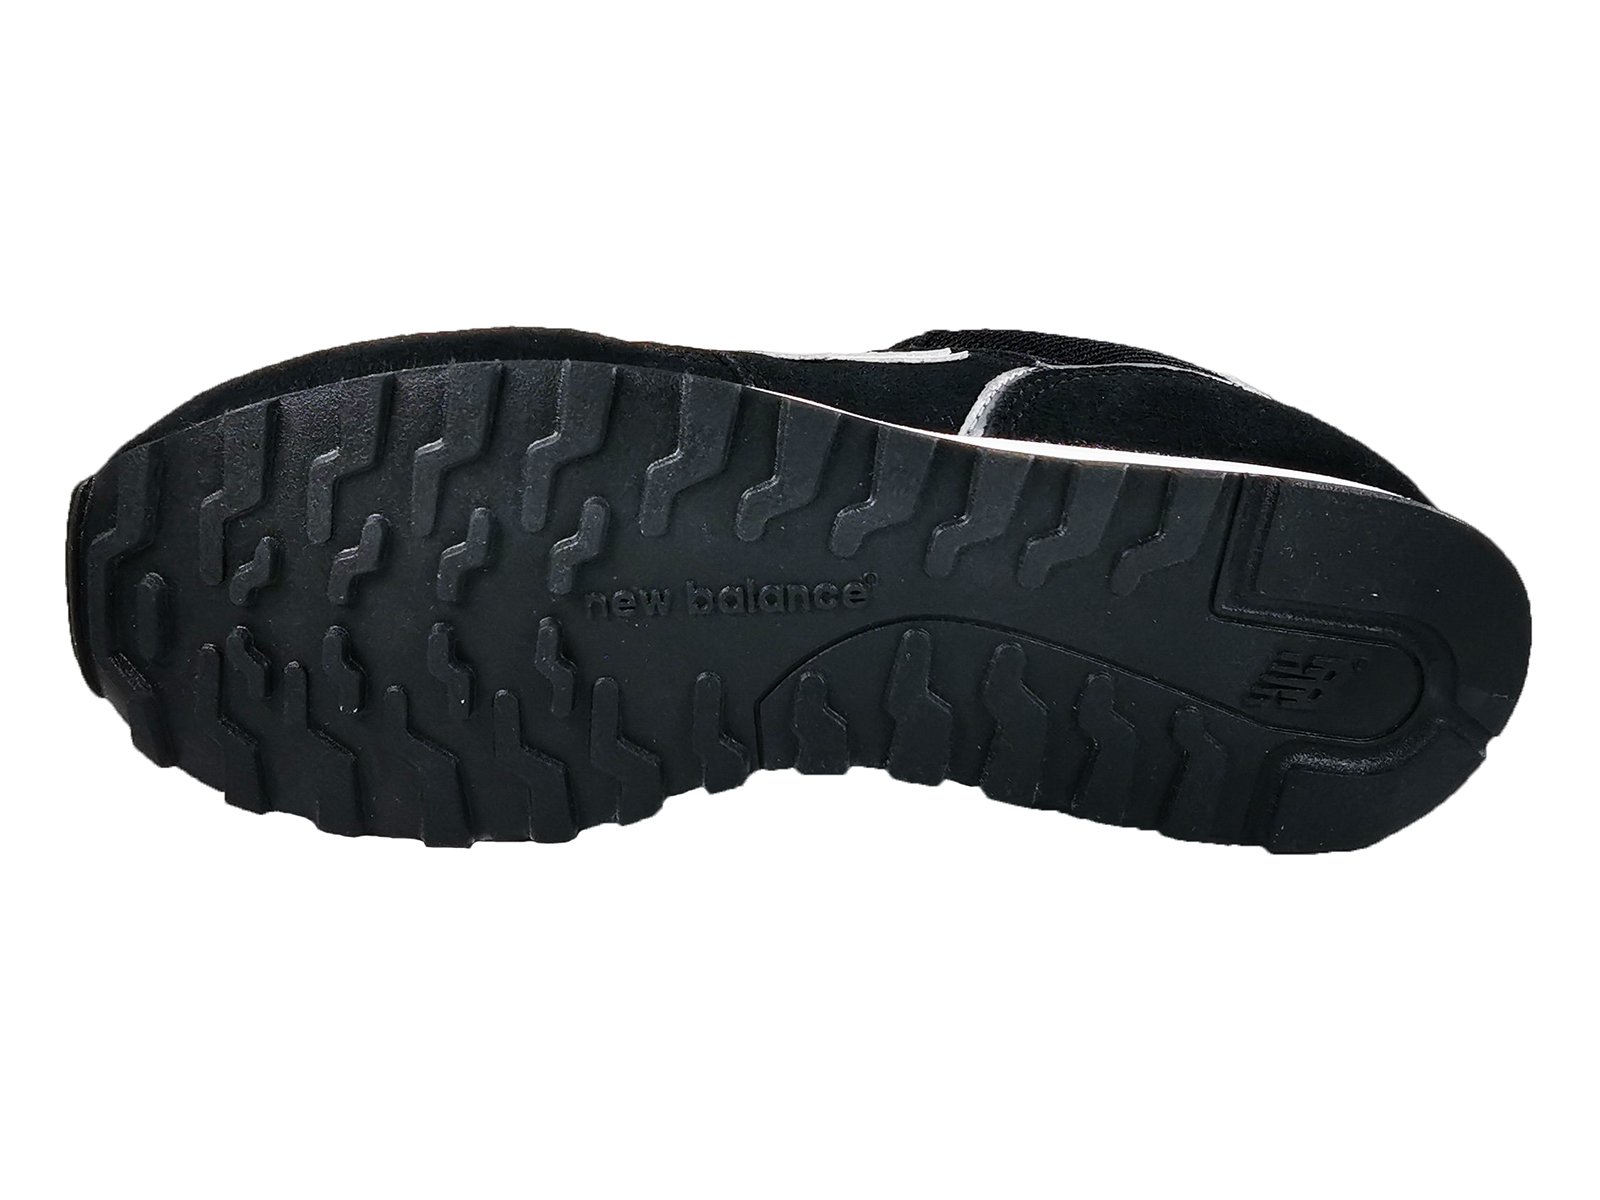 New Balance WL373BD2 Sneaker Damen Schuh Sport Mode Freizeit Schuhe Frauen